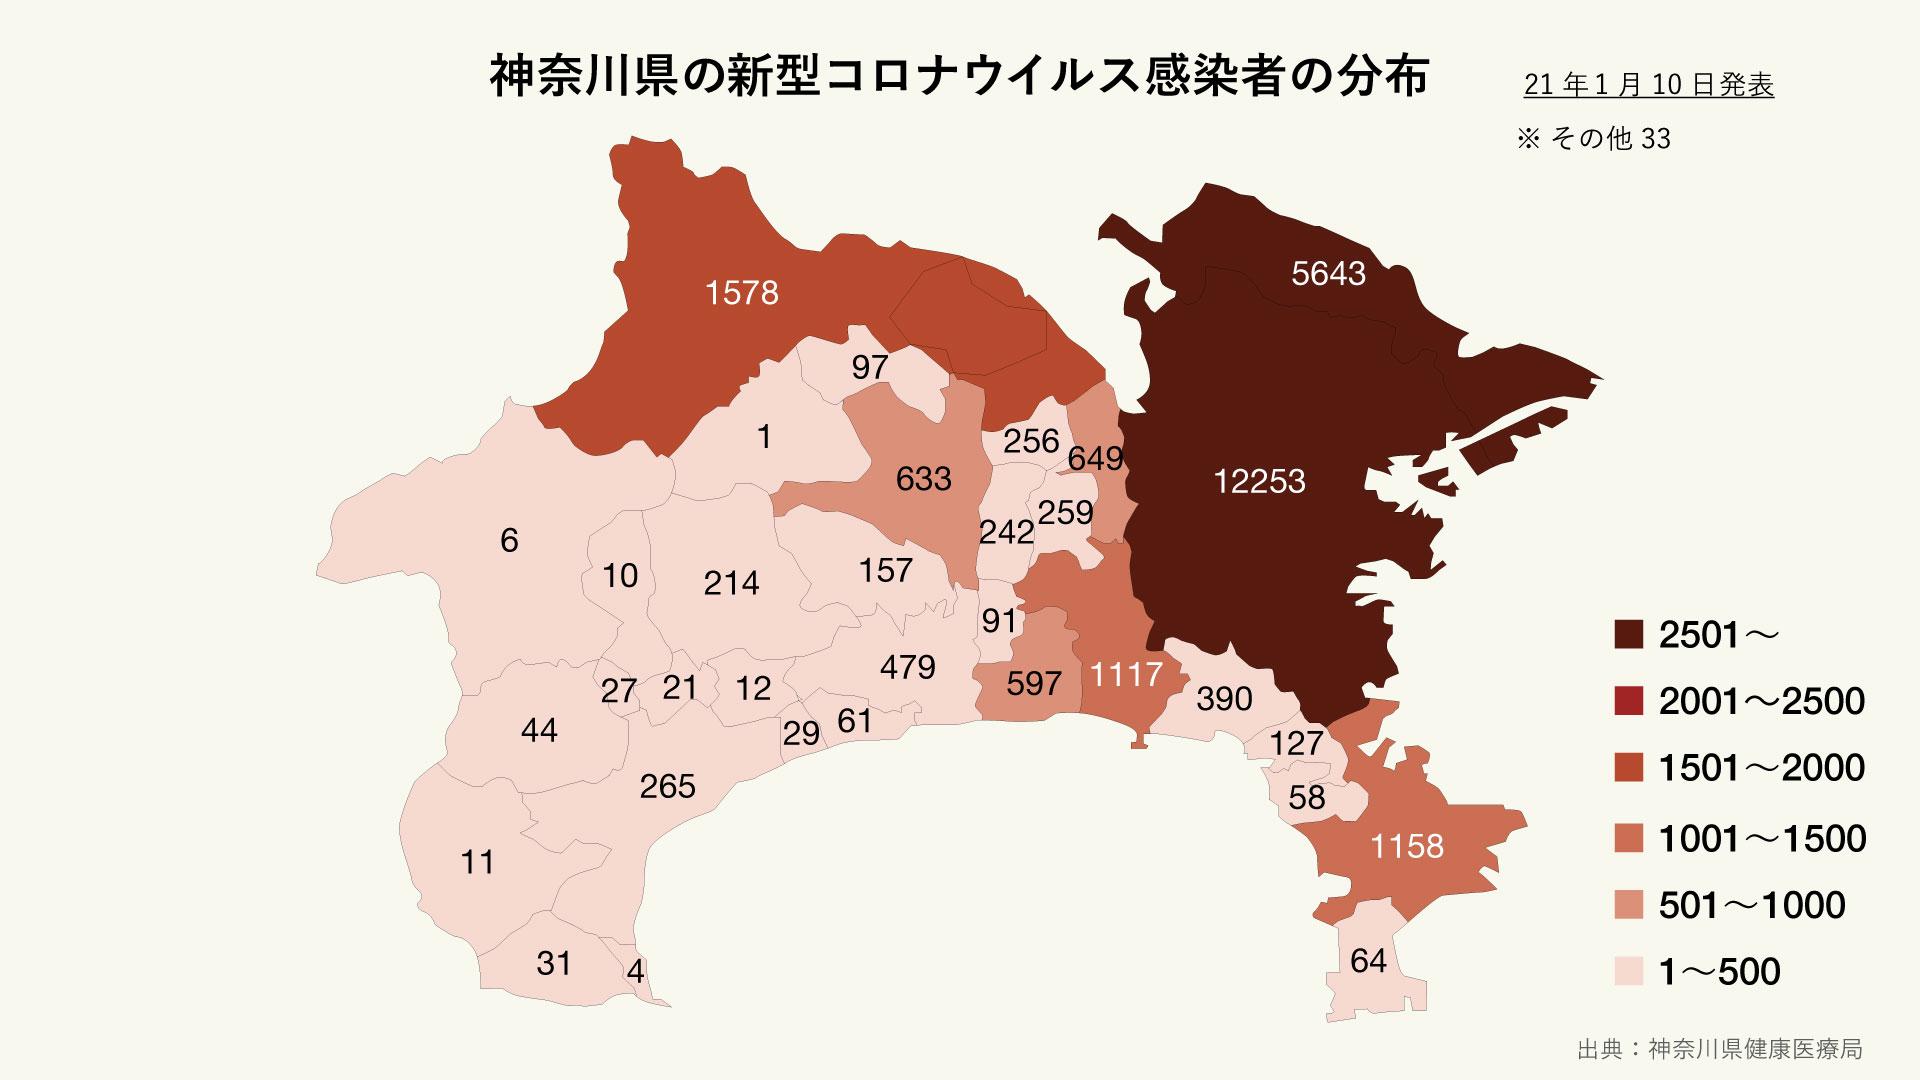 神奈川県の新型コロナウイルス感染者の分布